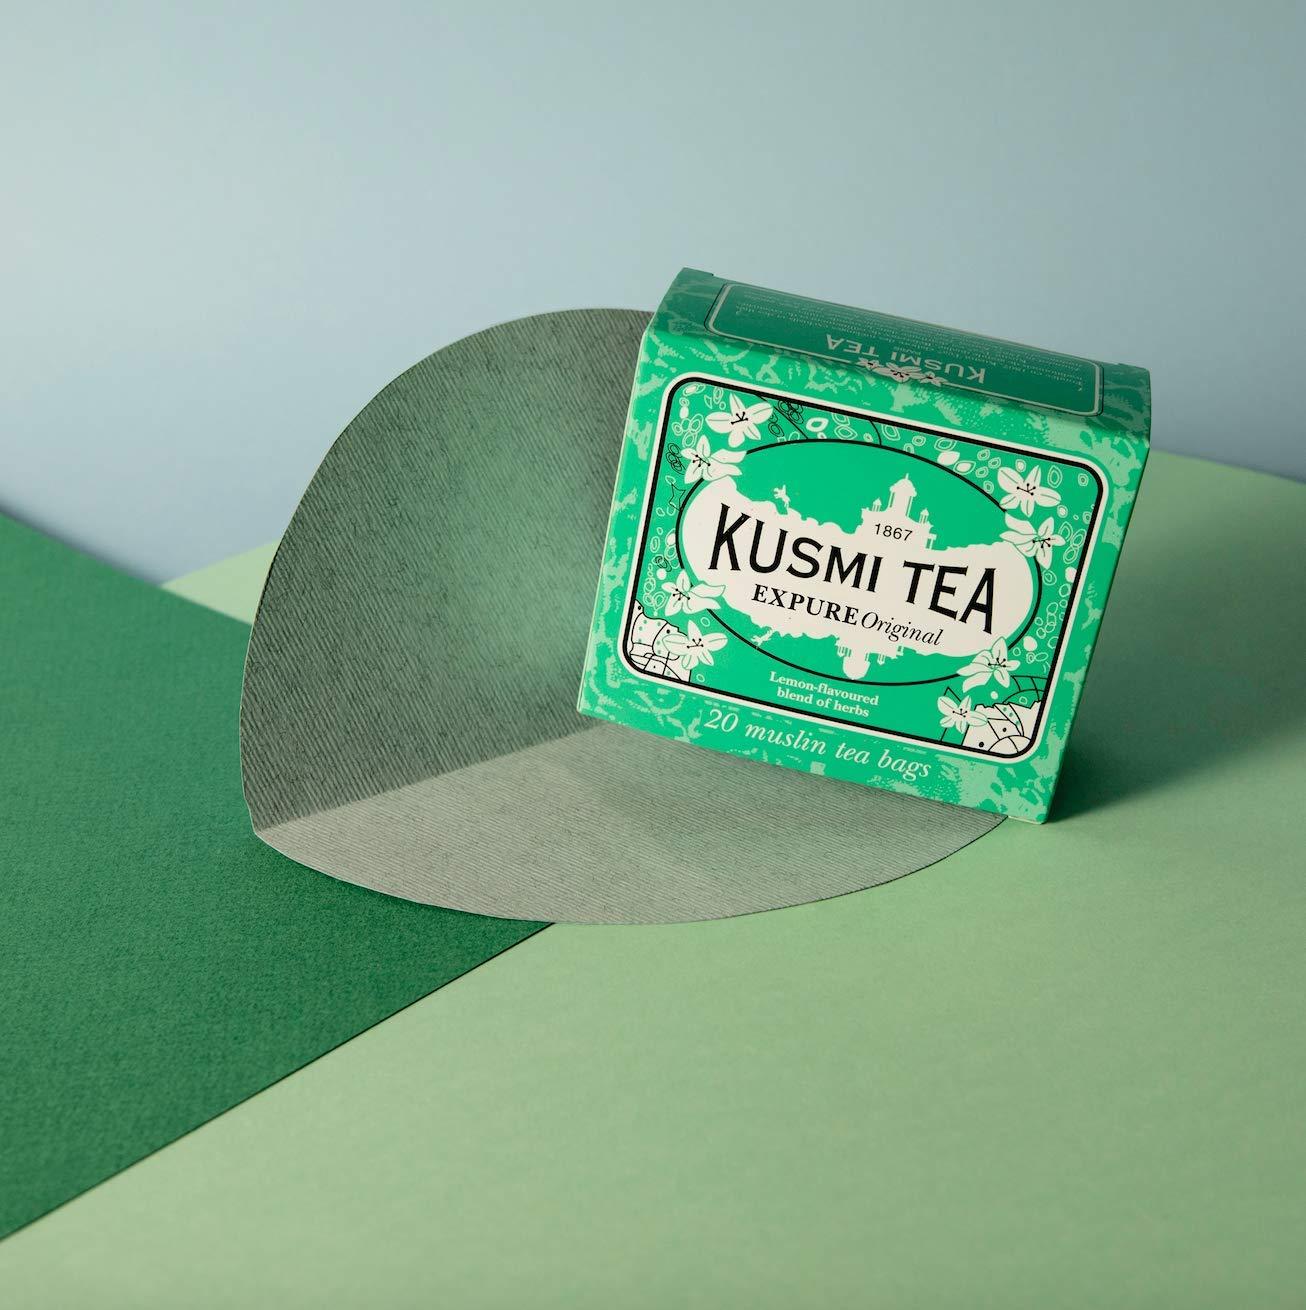 Kusmi-Tea-Wellness-Tee-Expure-Original-Mischung-mit-Mate-grnem-Tee-und-Zitronengras-aromatisiert-Zitrone-Dose-mit-20-Teebeuteln-aus-PLA-hergestellt-in-Frankreich